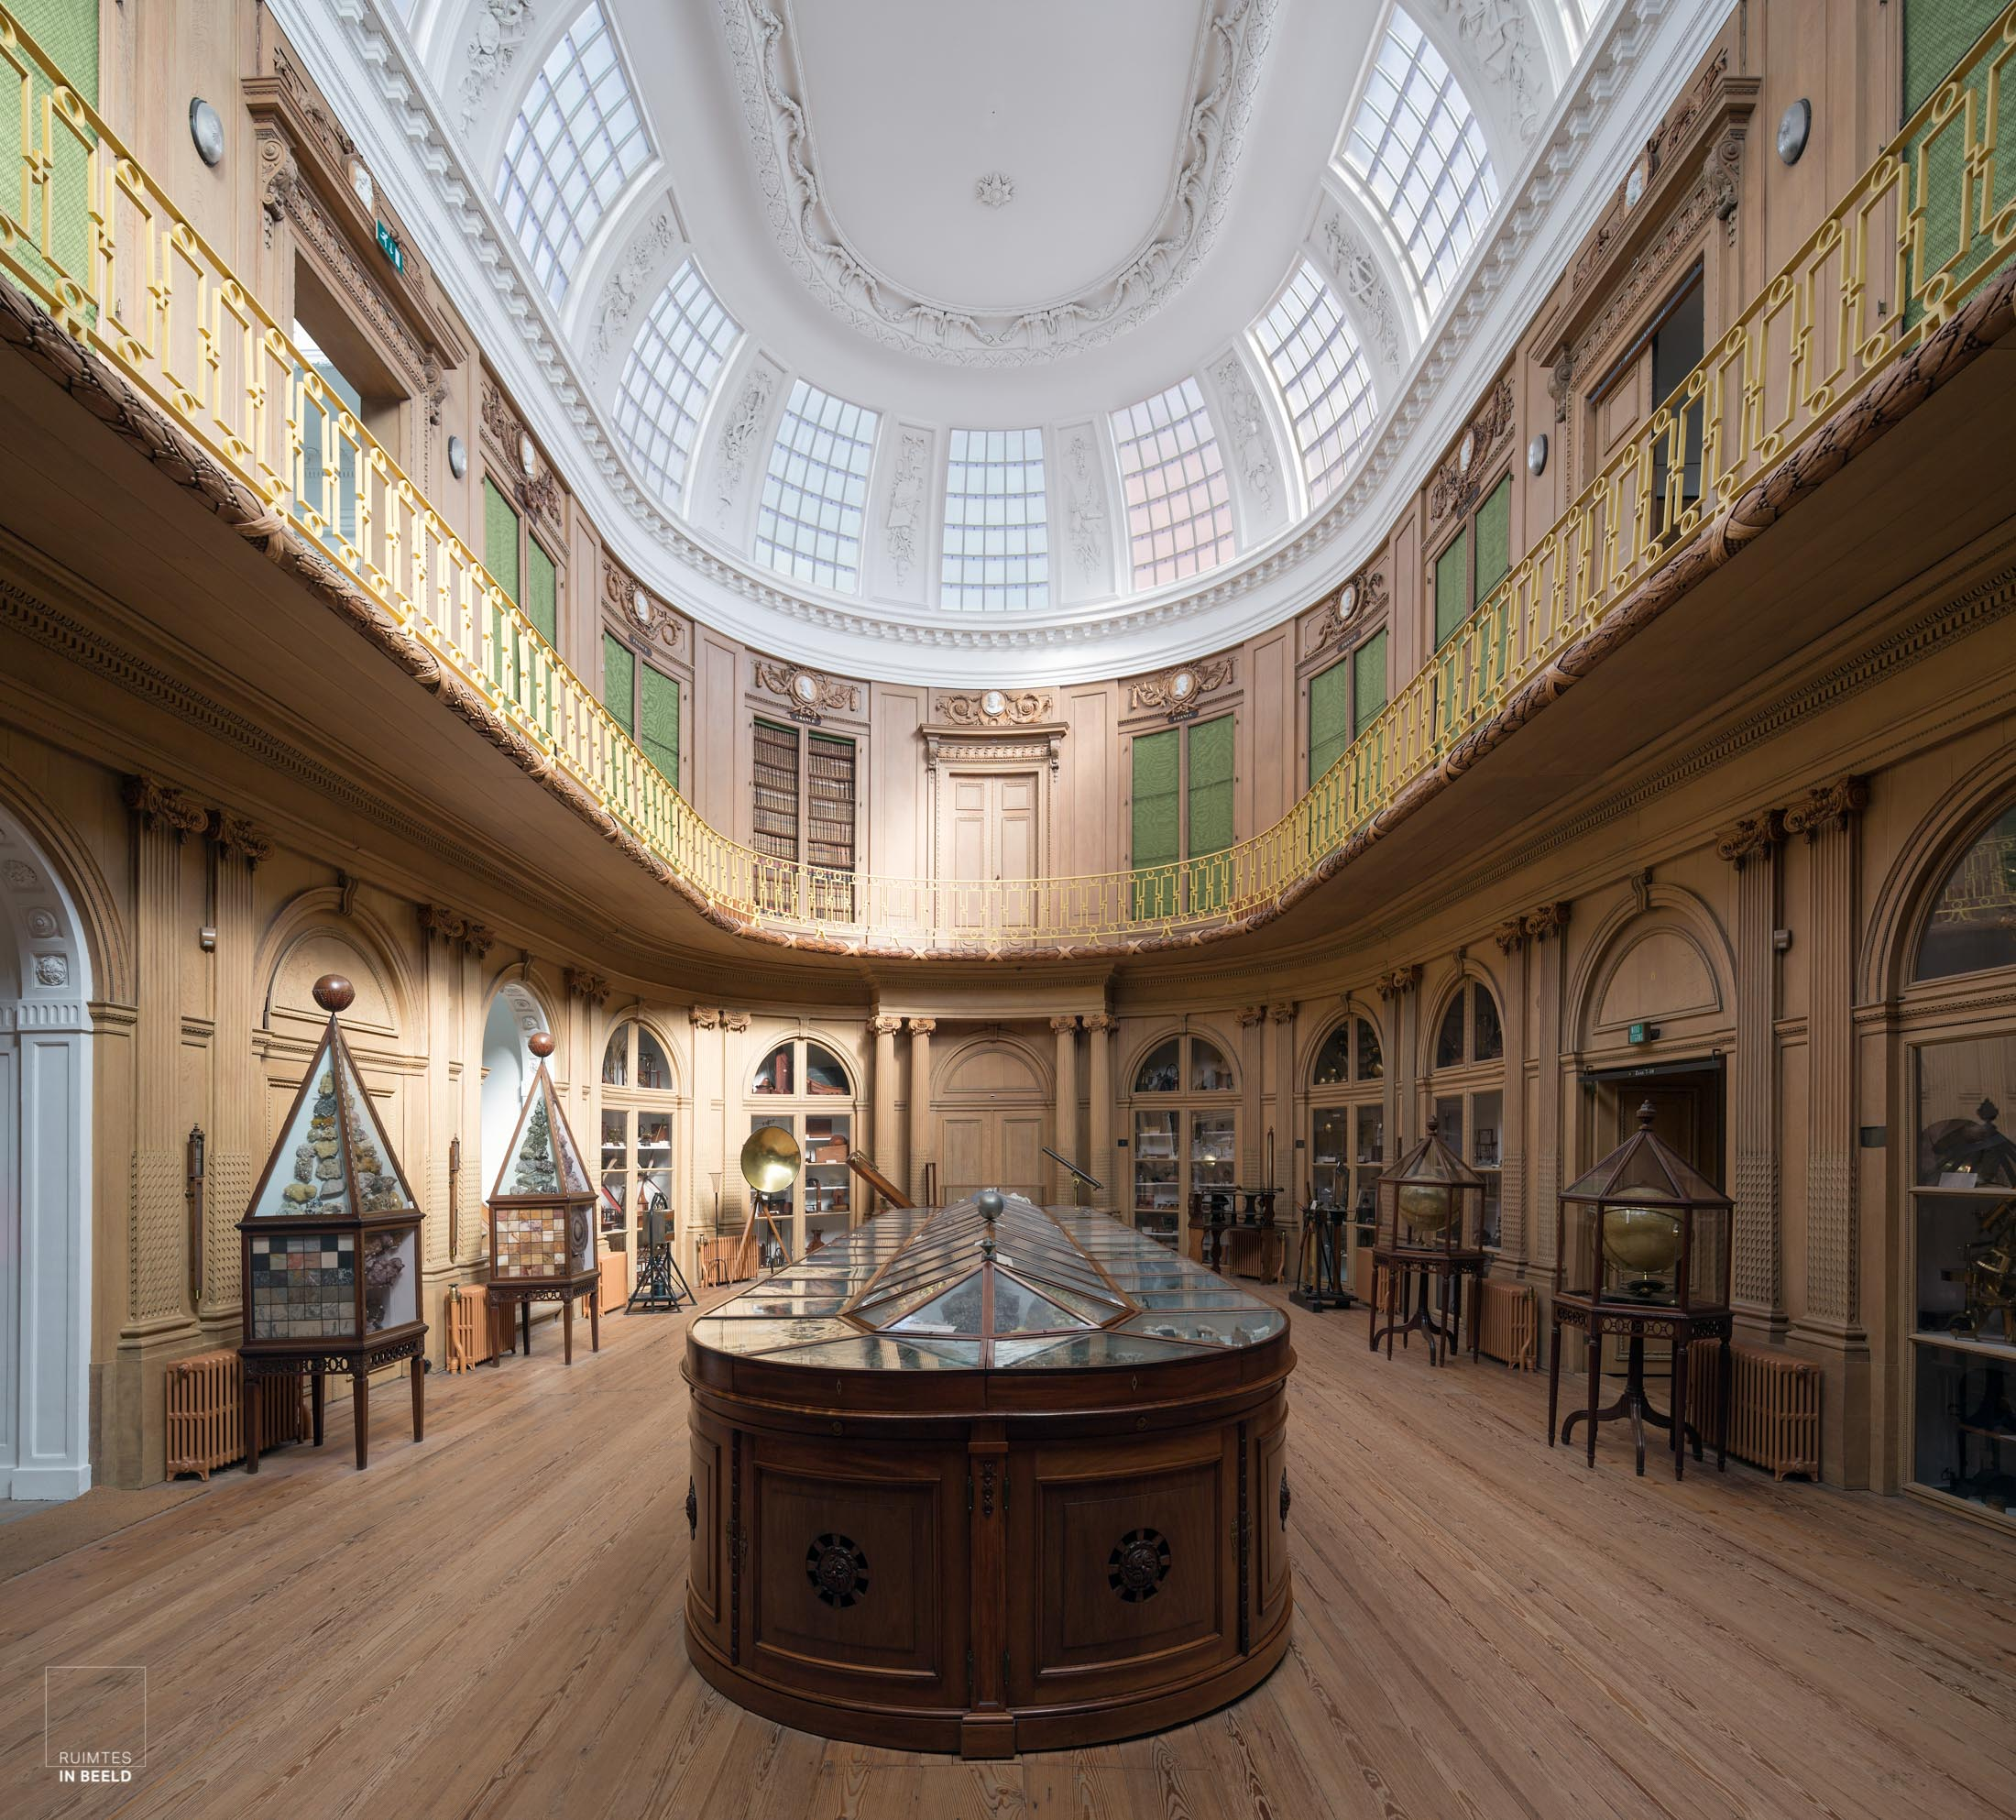 Ovale zaal in het Teylers museum in Haarlem | Oval room in Teylers museum Haarlem, Netherlands